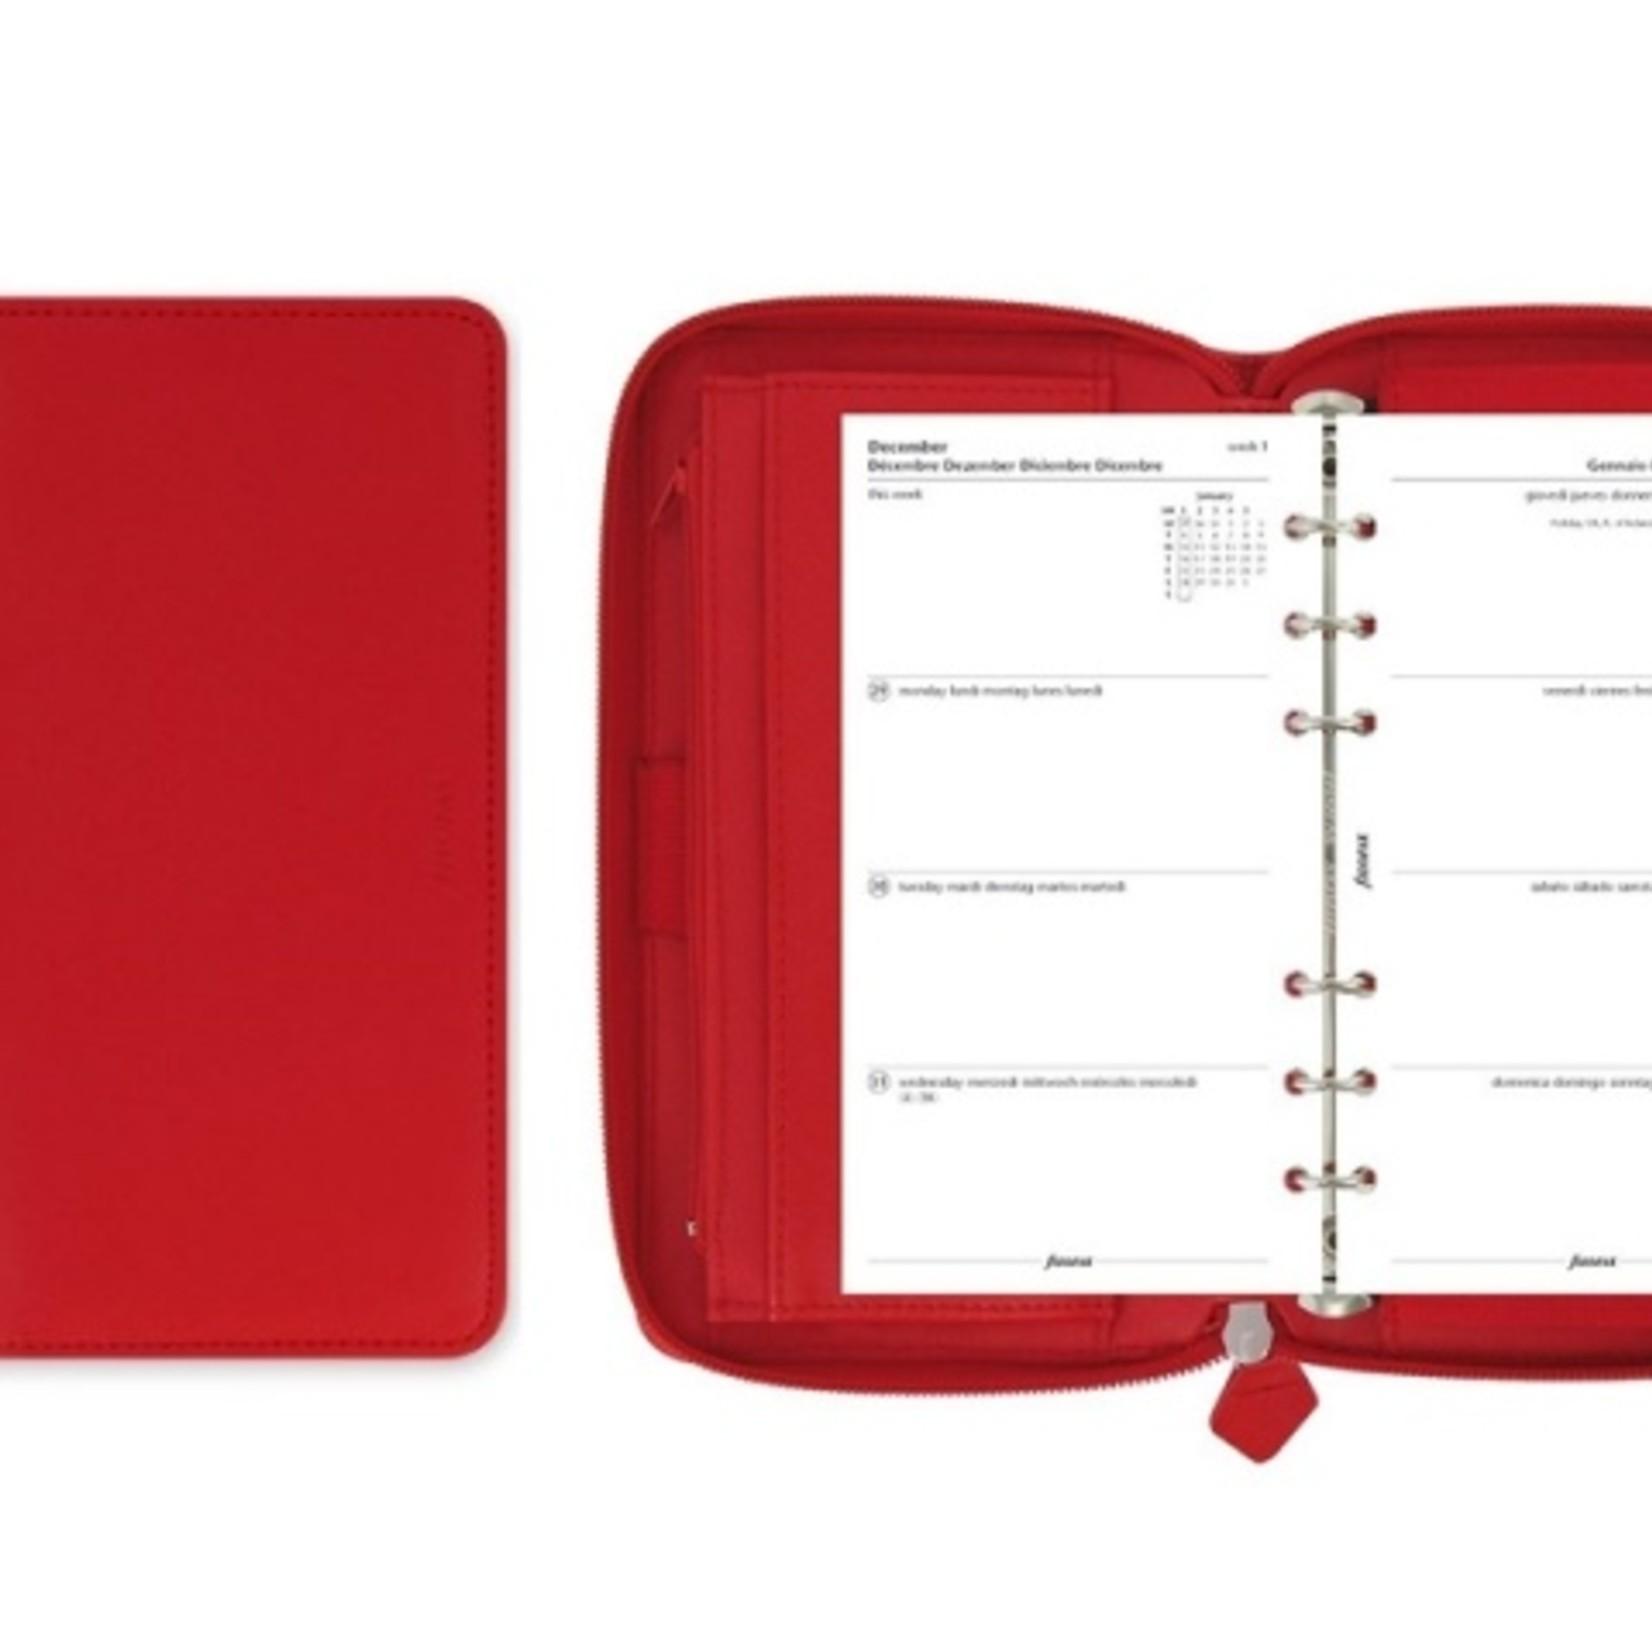 Filofax RINGBUCH FILOFAX PERSONAL COMPACT SAFFIANO ZIP POPPY